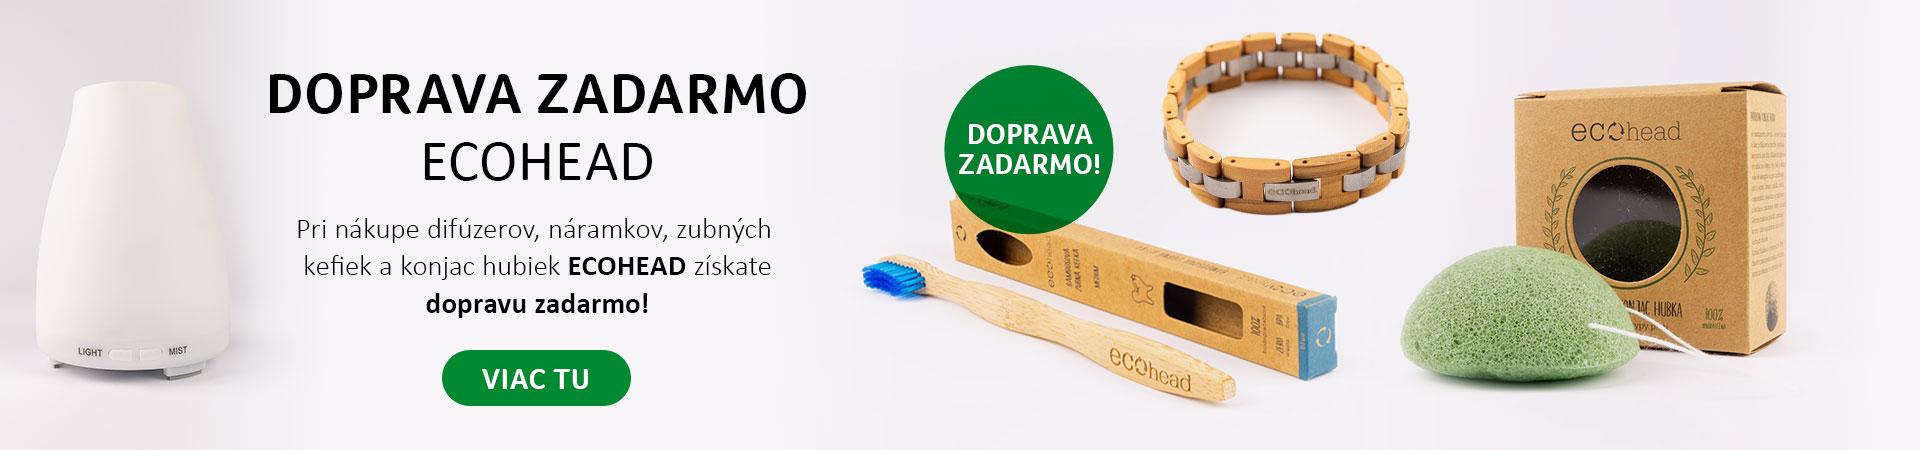 Doprava zdarma s produktami Ecohead